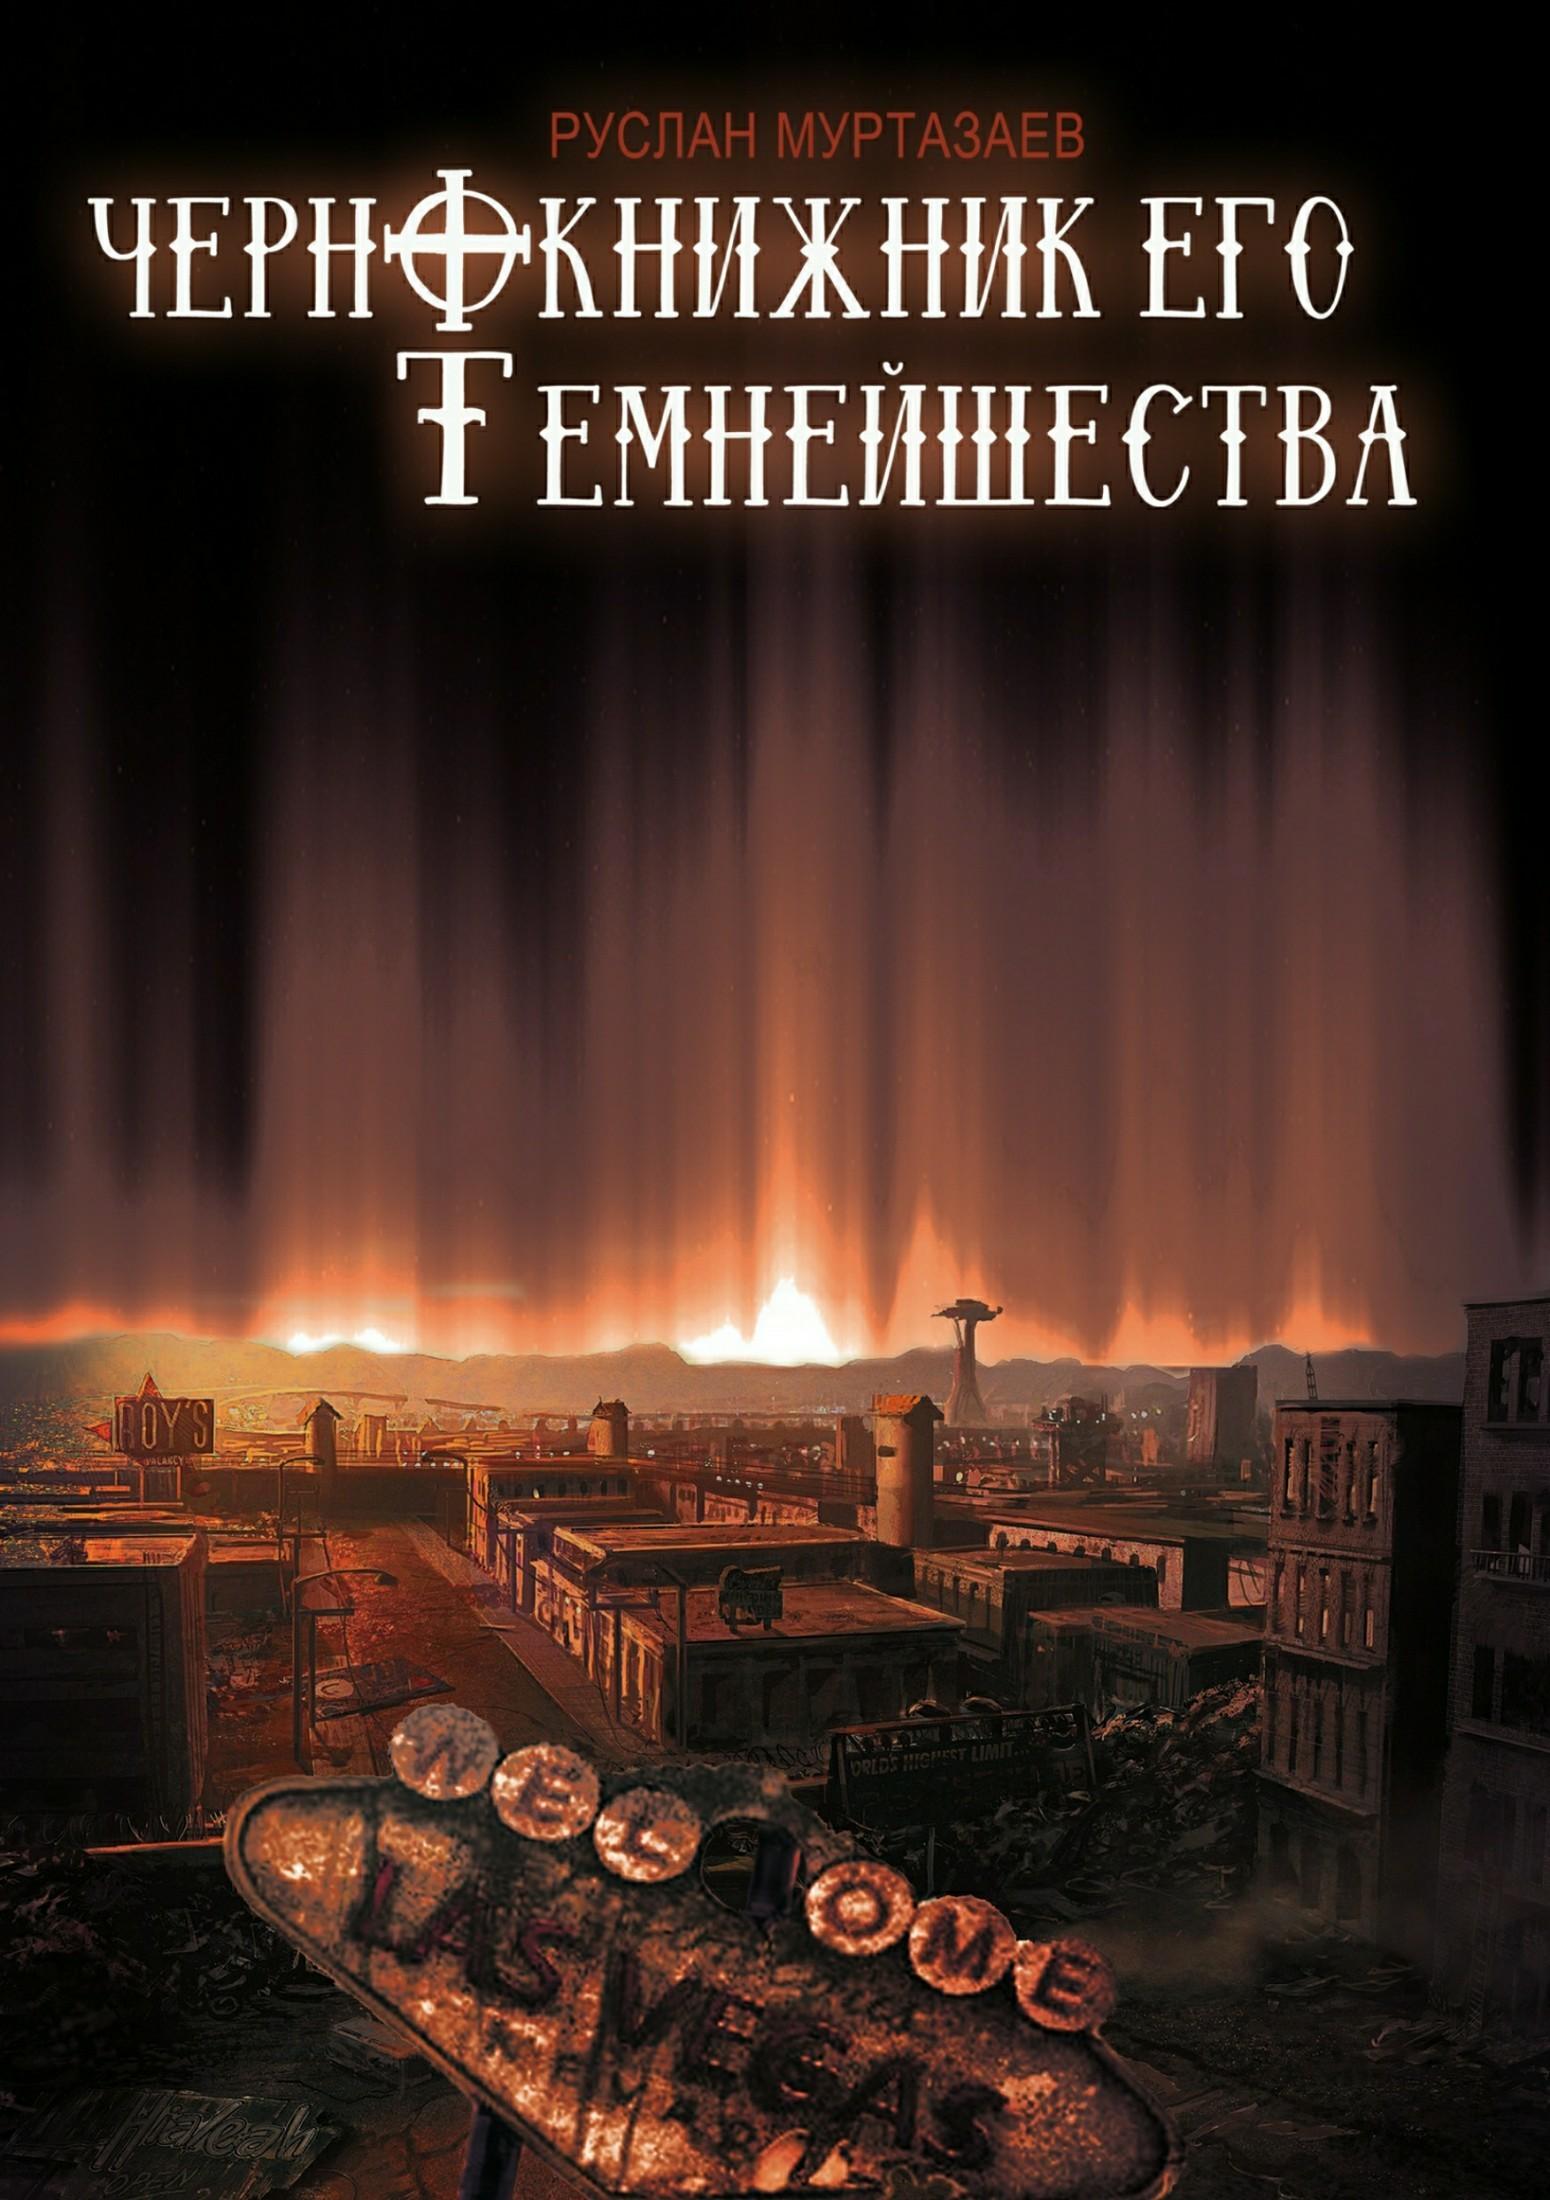 Руслан Фаридович Муртазаев. Чернокнижник Его Темнейшества